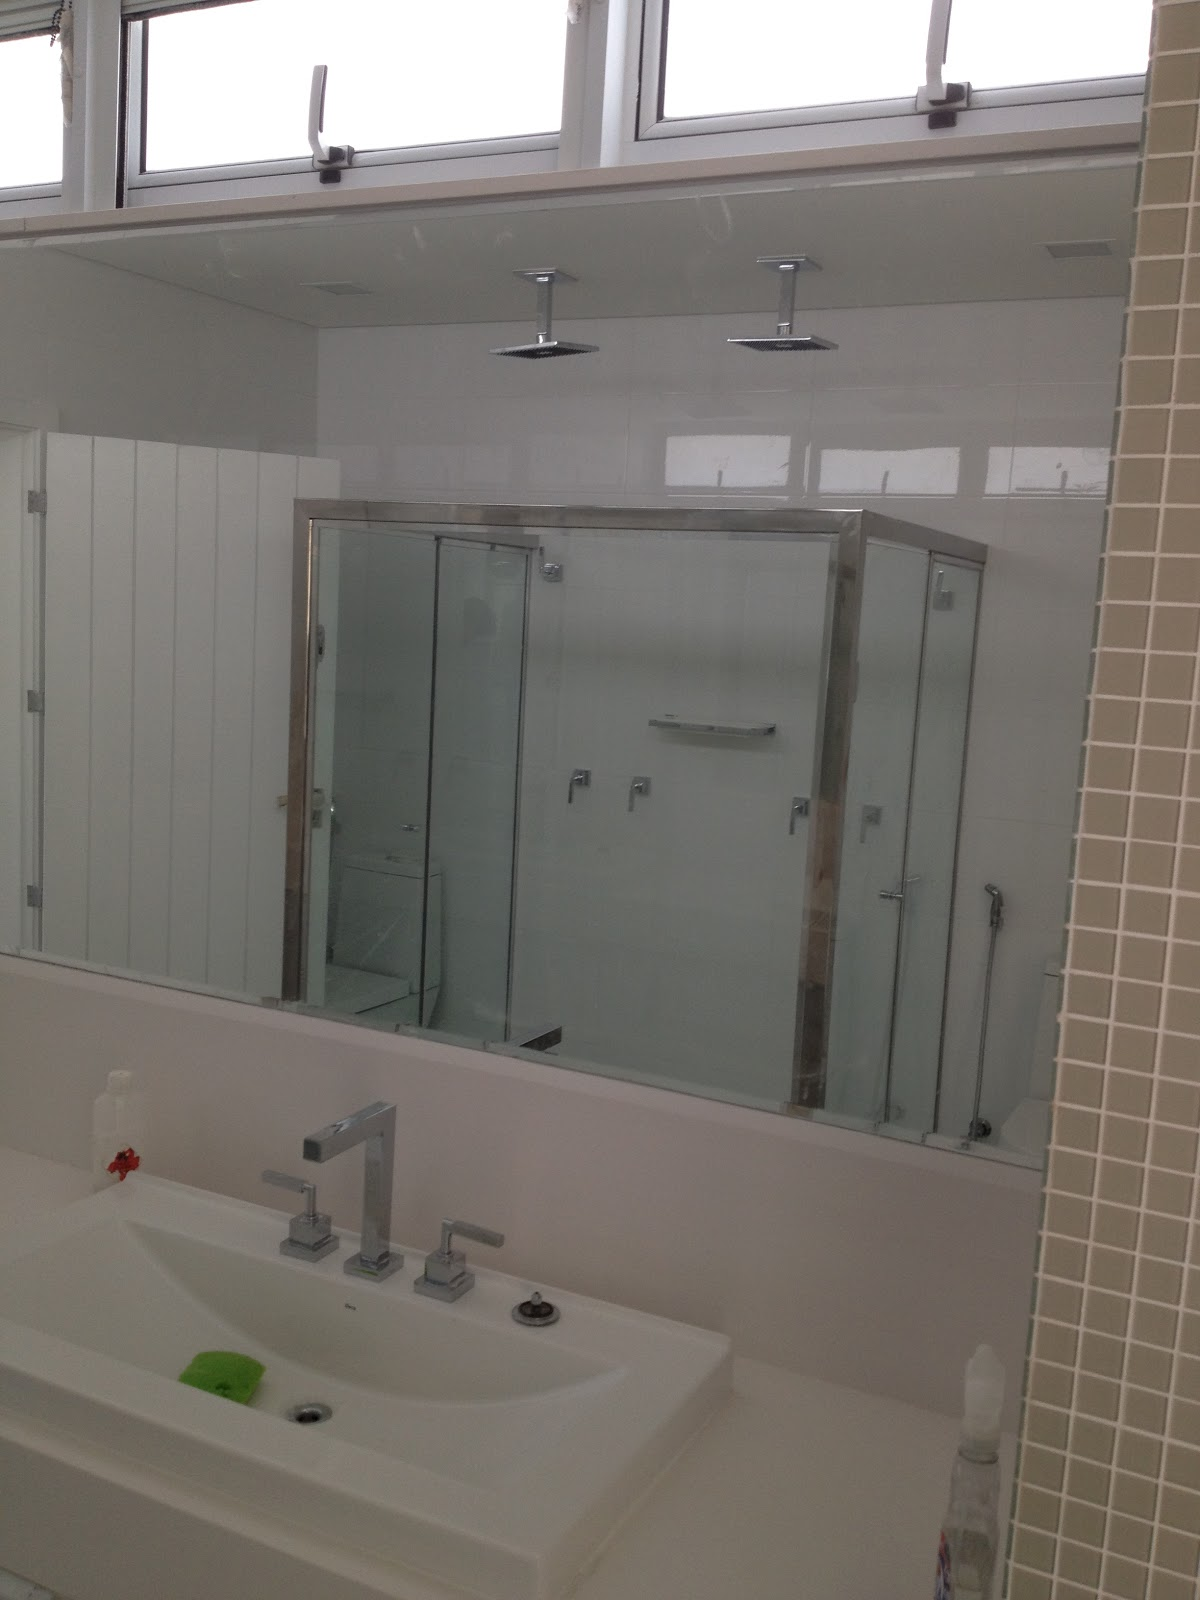 Silestone Blanco Zeus Banheiro de Silestone Blanco Zeus #655D50 1200x1600 Balança Pra Banheiro